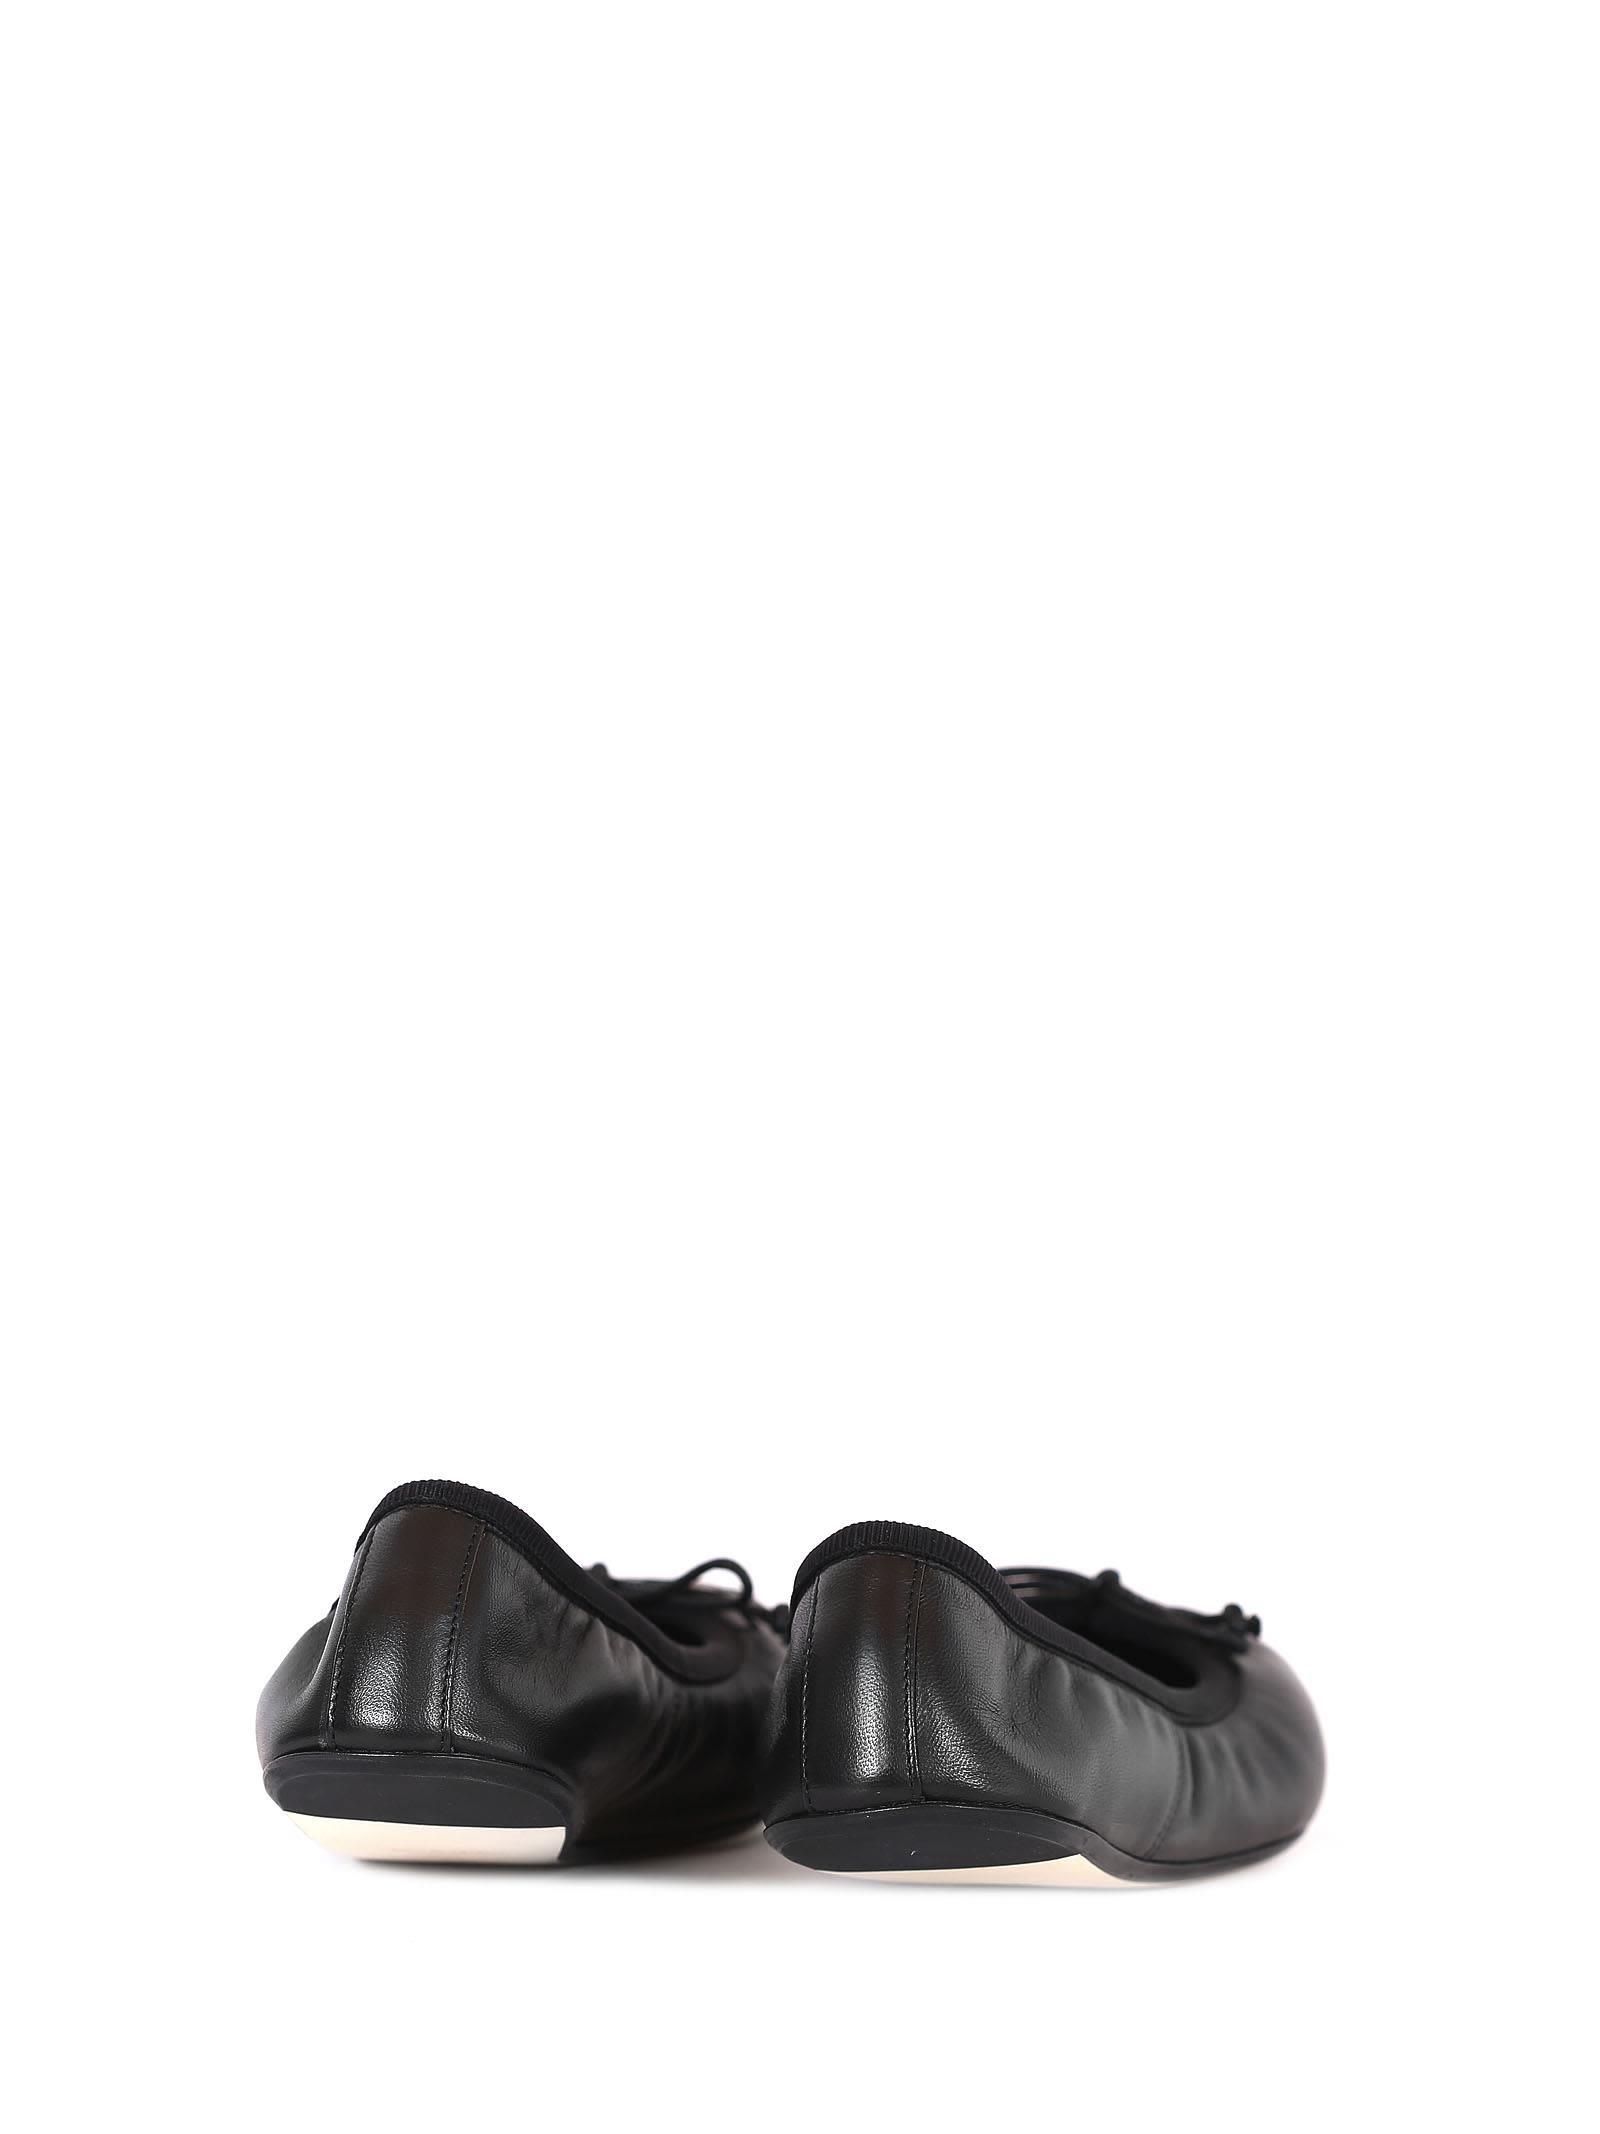 Buy Cheap 2018 New Bottega Veneta Picnic Black Ballet Cheap Sale Fast Delivery 2018 Cheap Price sPwXALQ